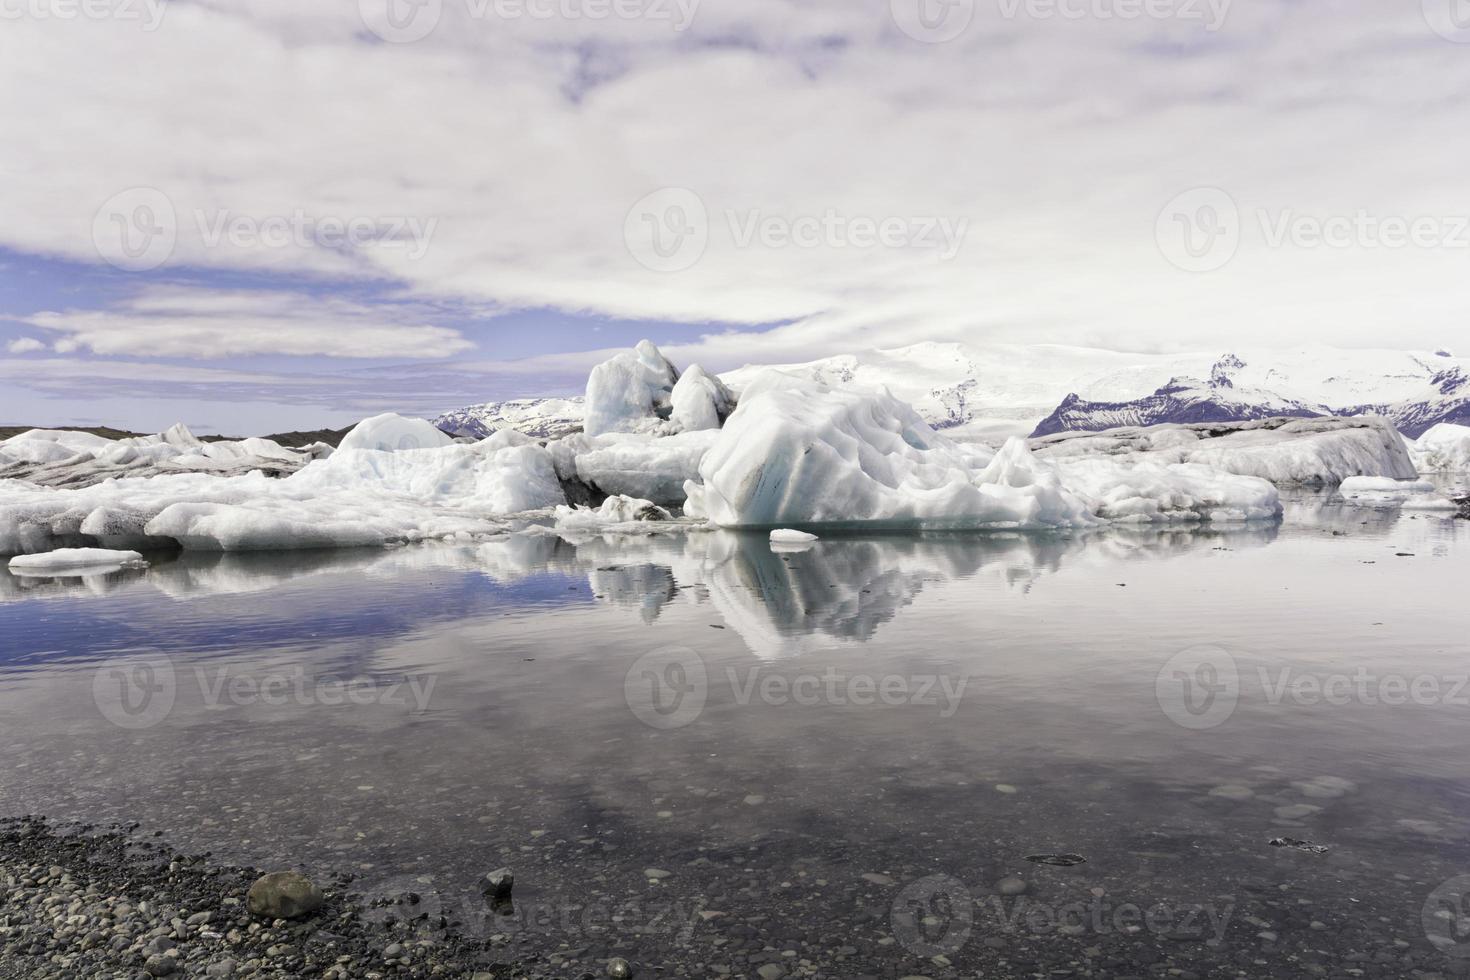 ghiaccio sulla spiaggia foto